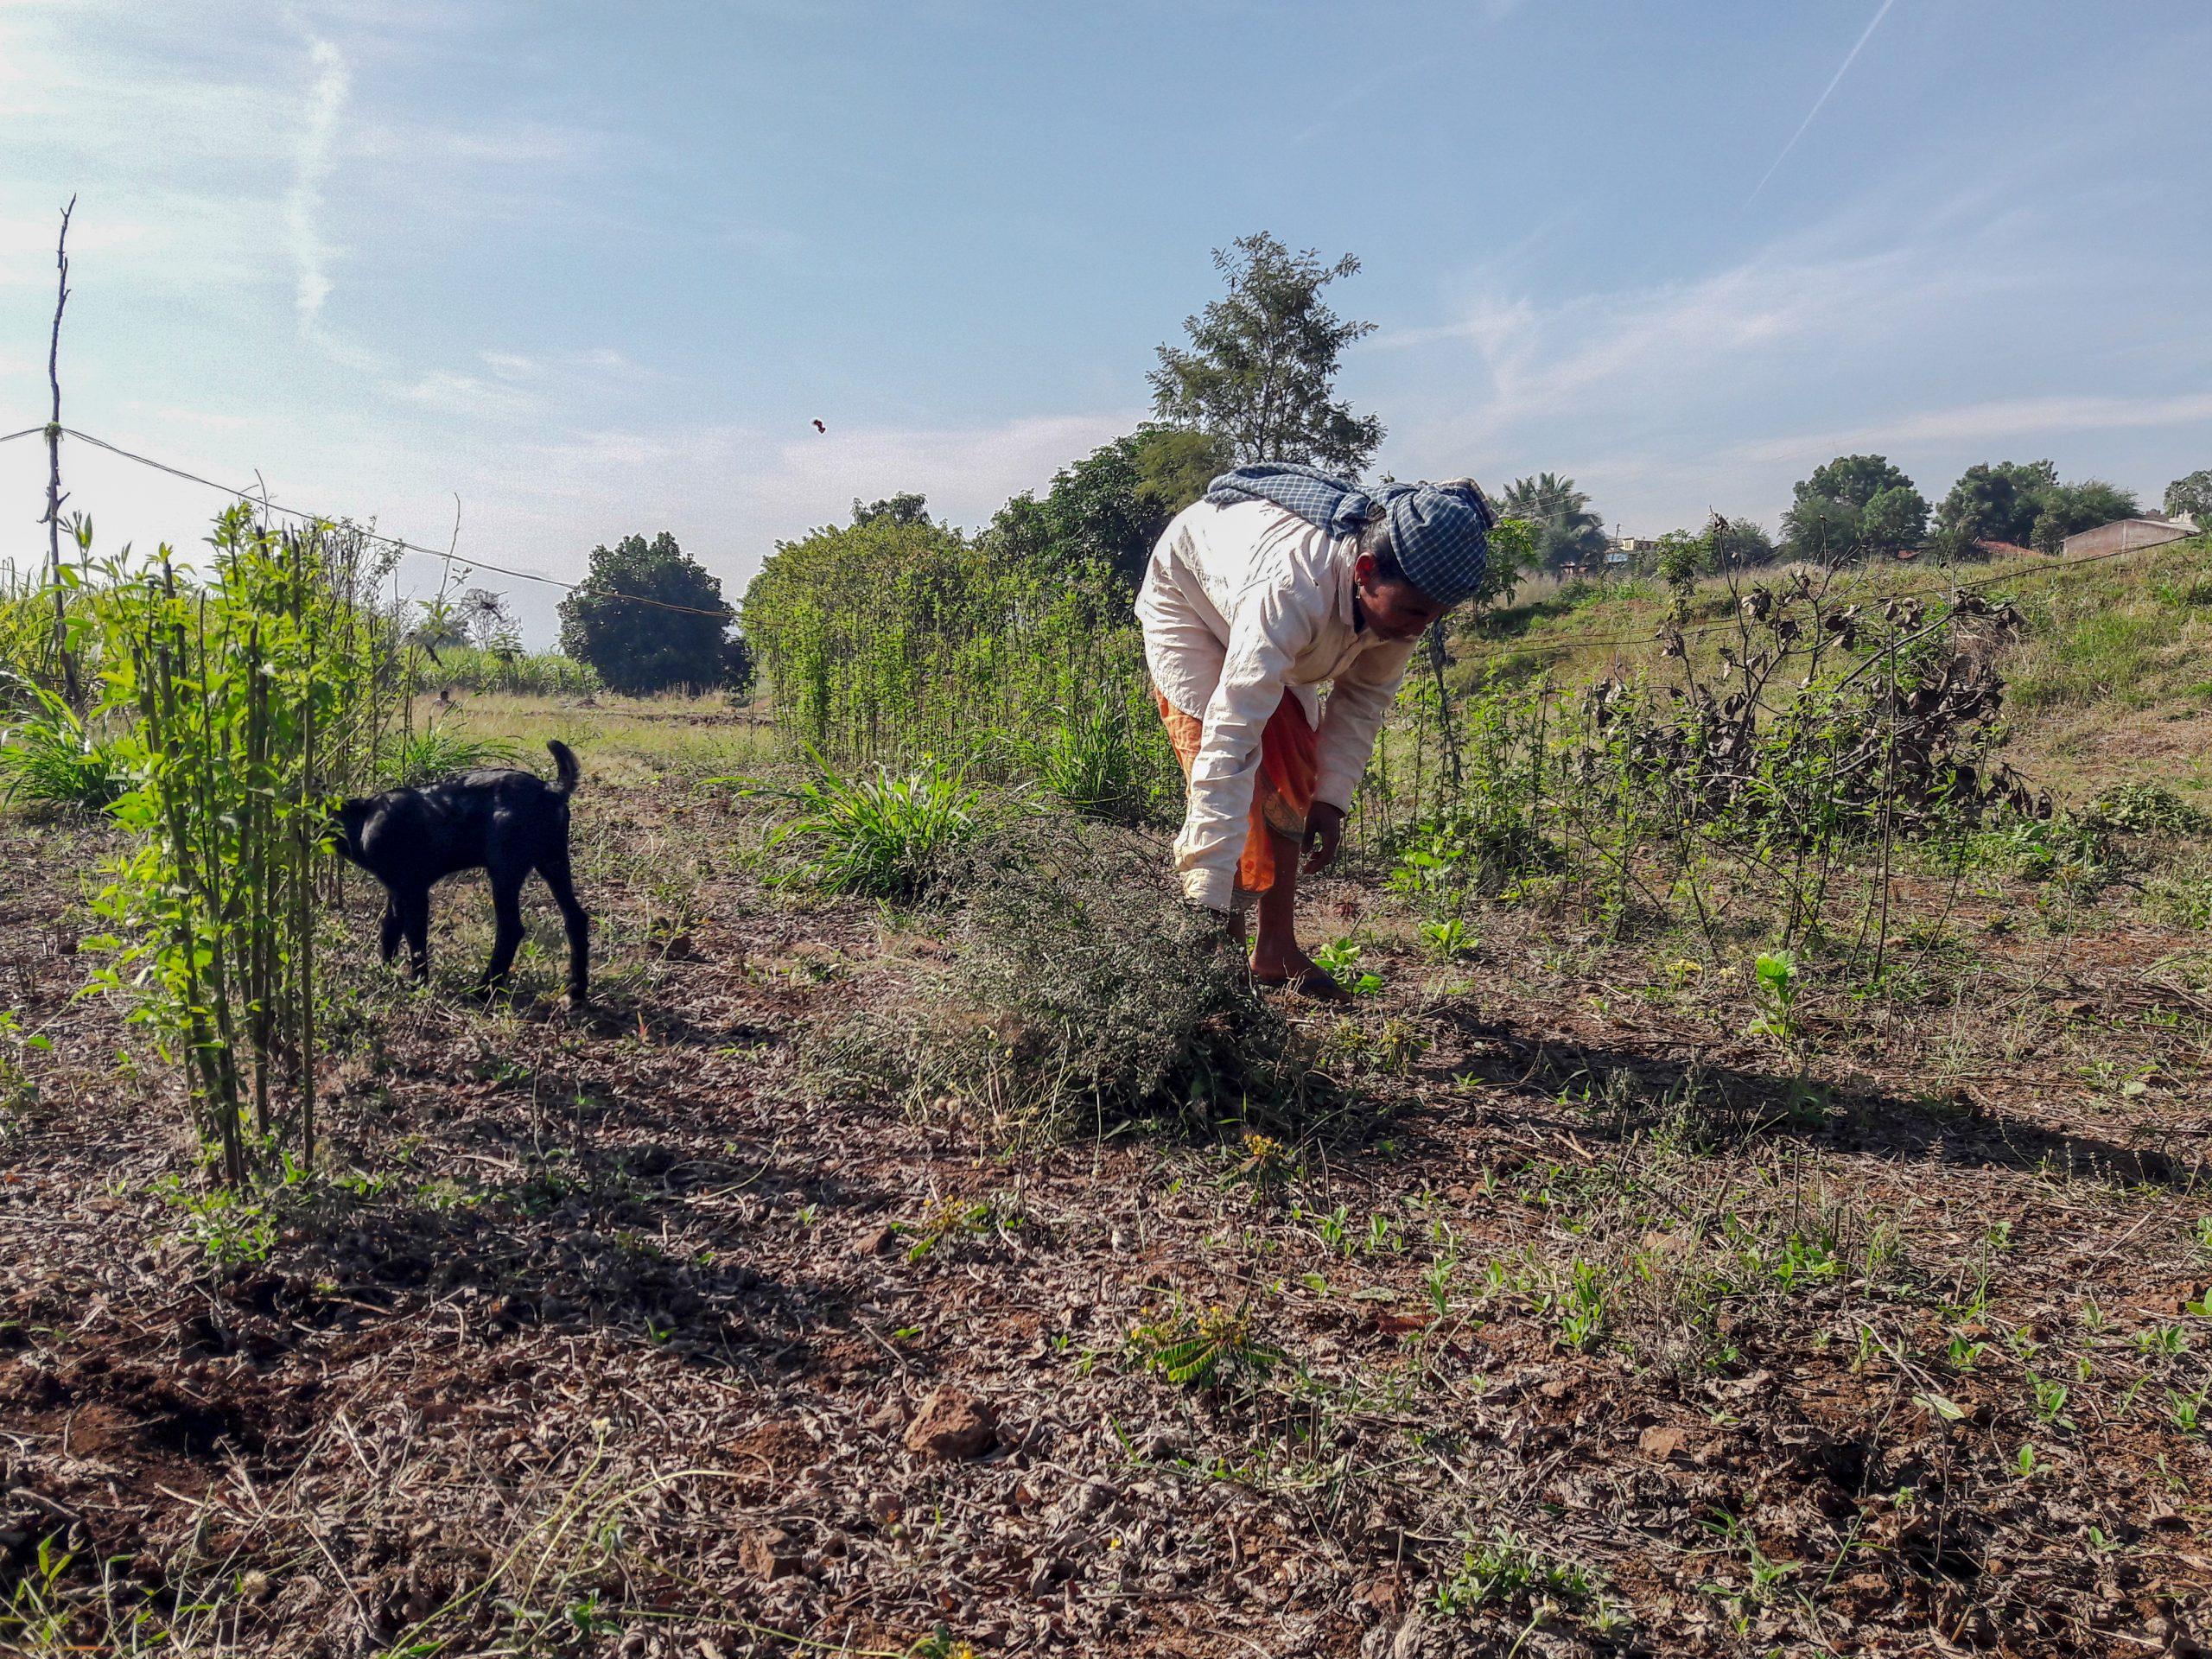 A farmer working in field